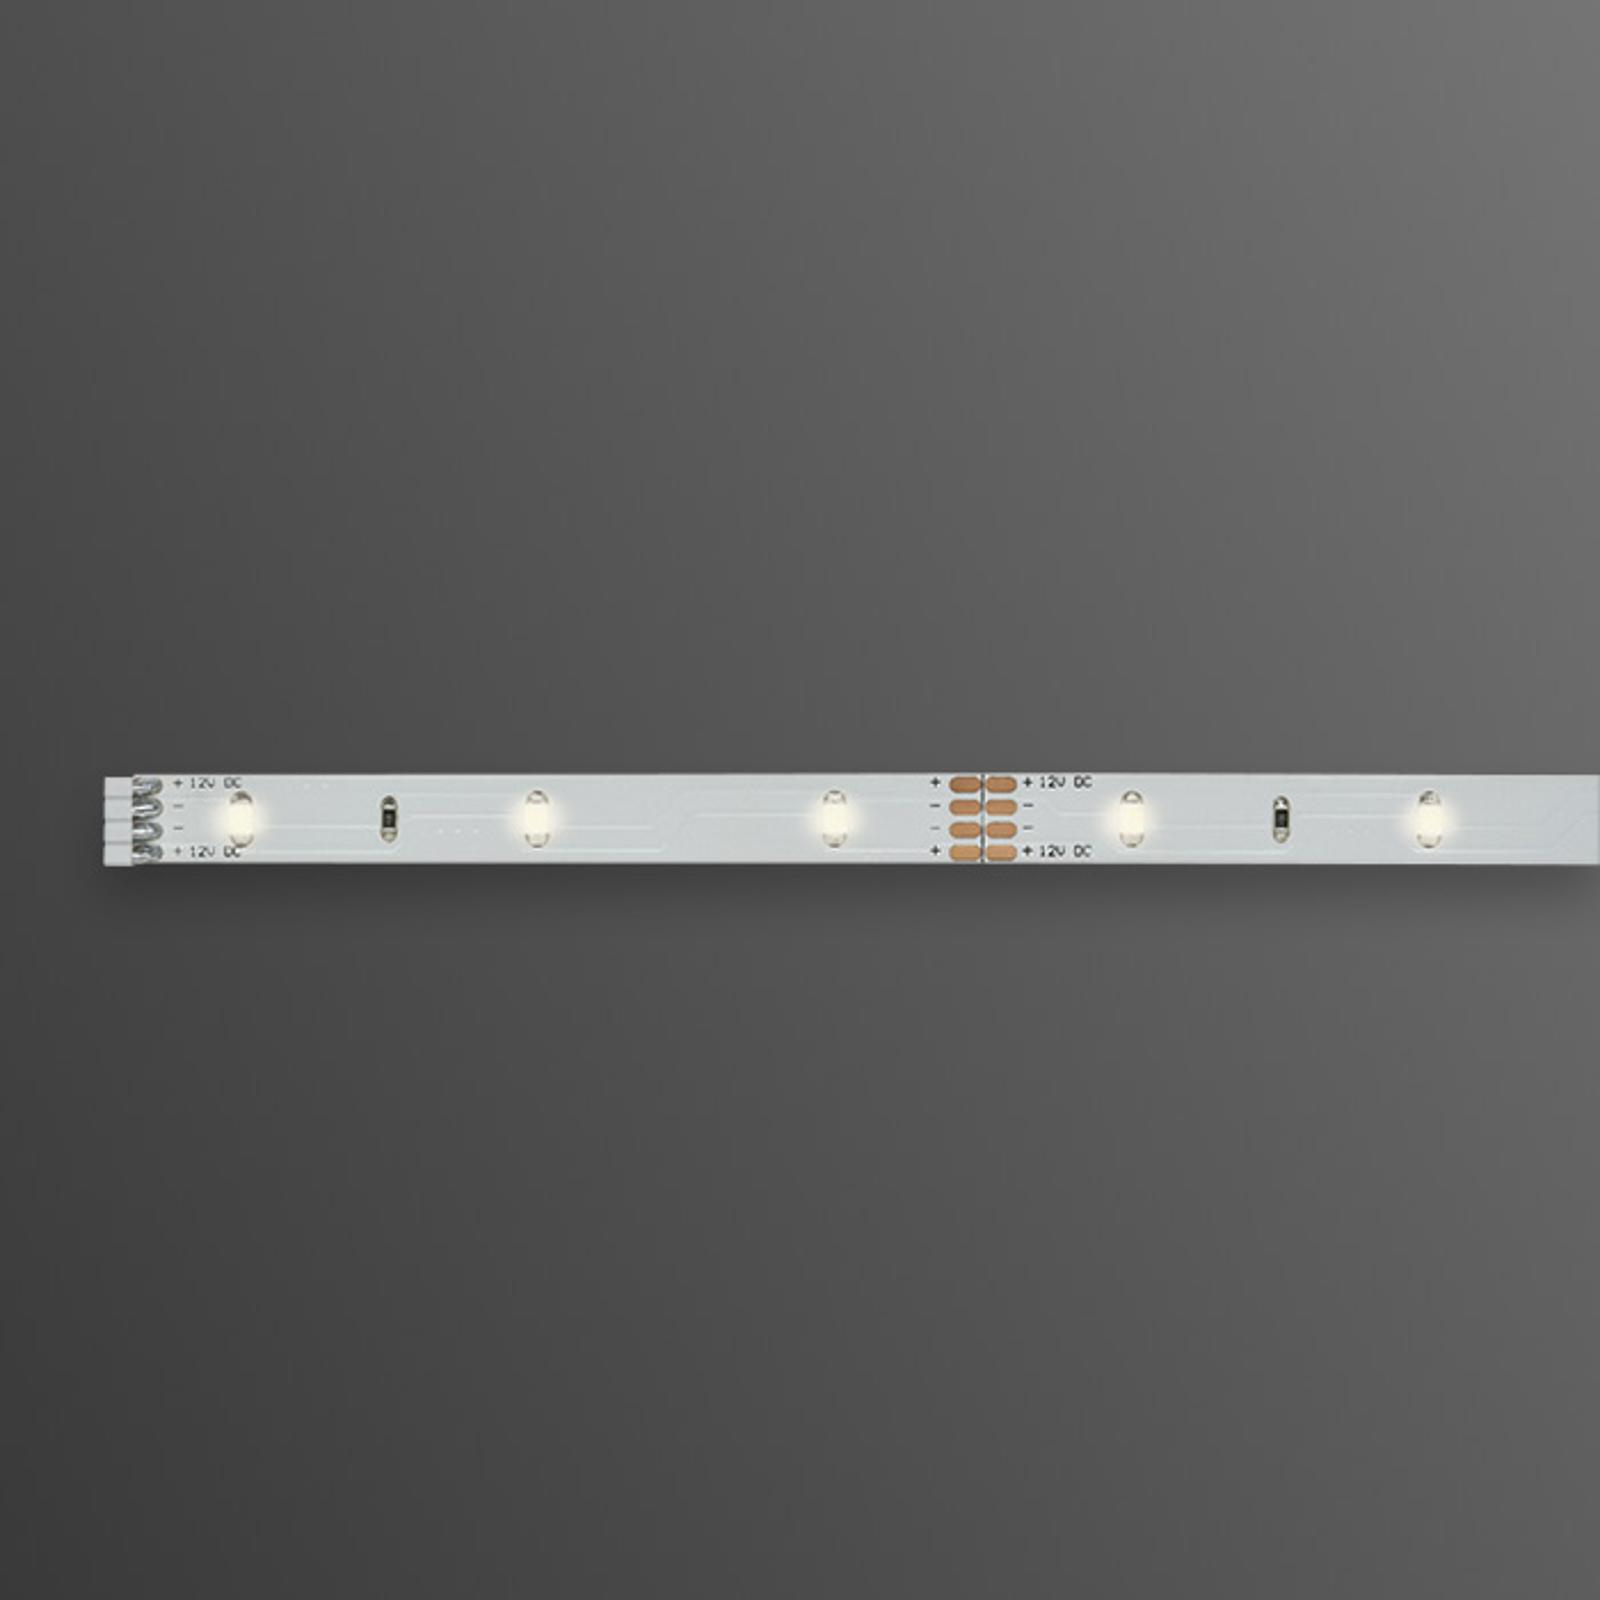 Bande LED blanc chaud YourLED, 1 m, blanc